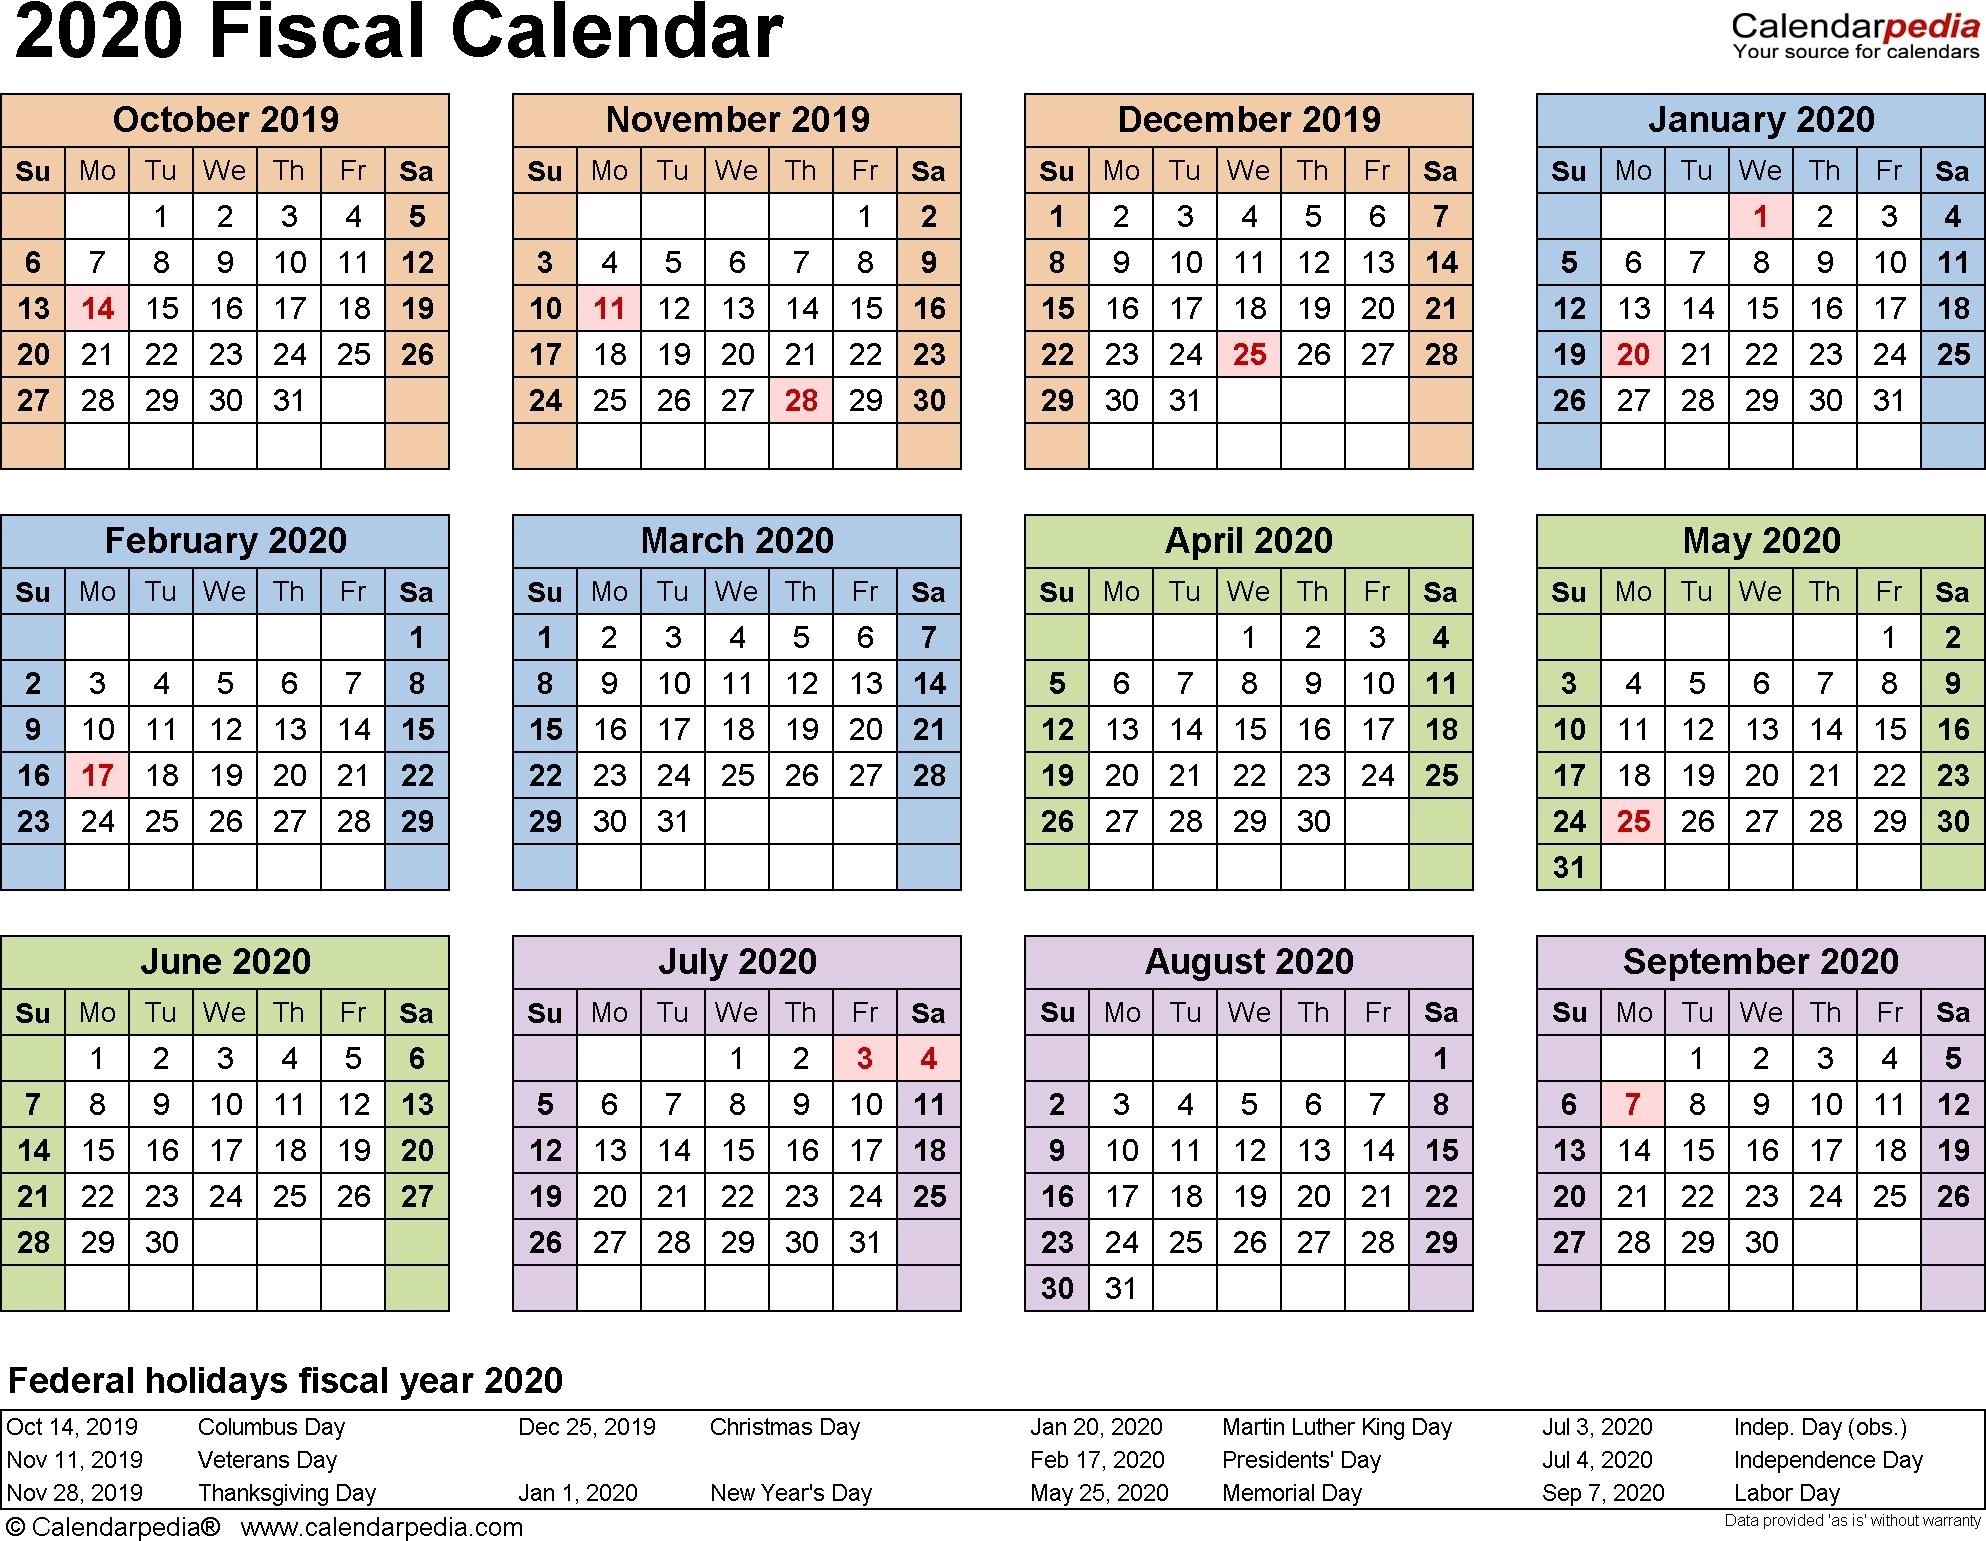 Payroll Calendar Dod 2020 | Payroll Calendar 2020  Federal Payroll Calendar 2020